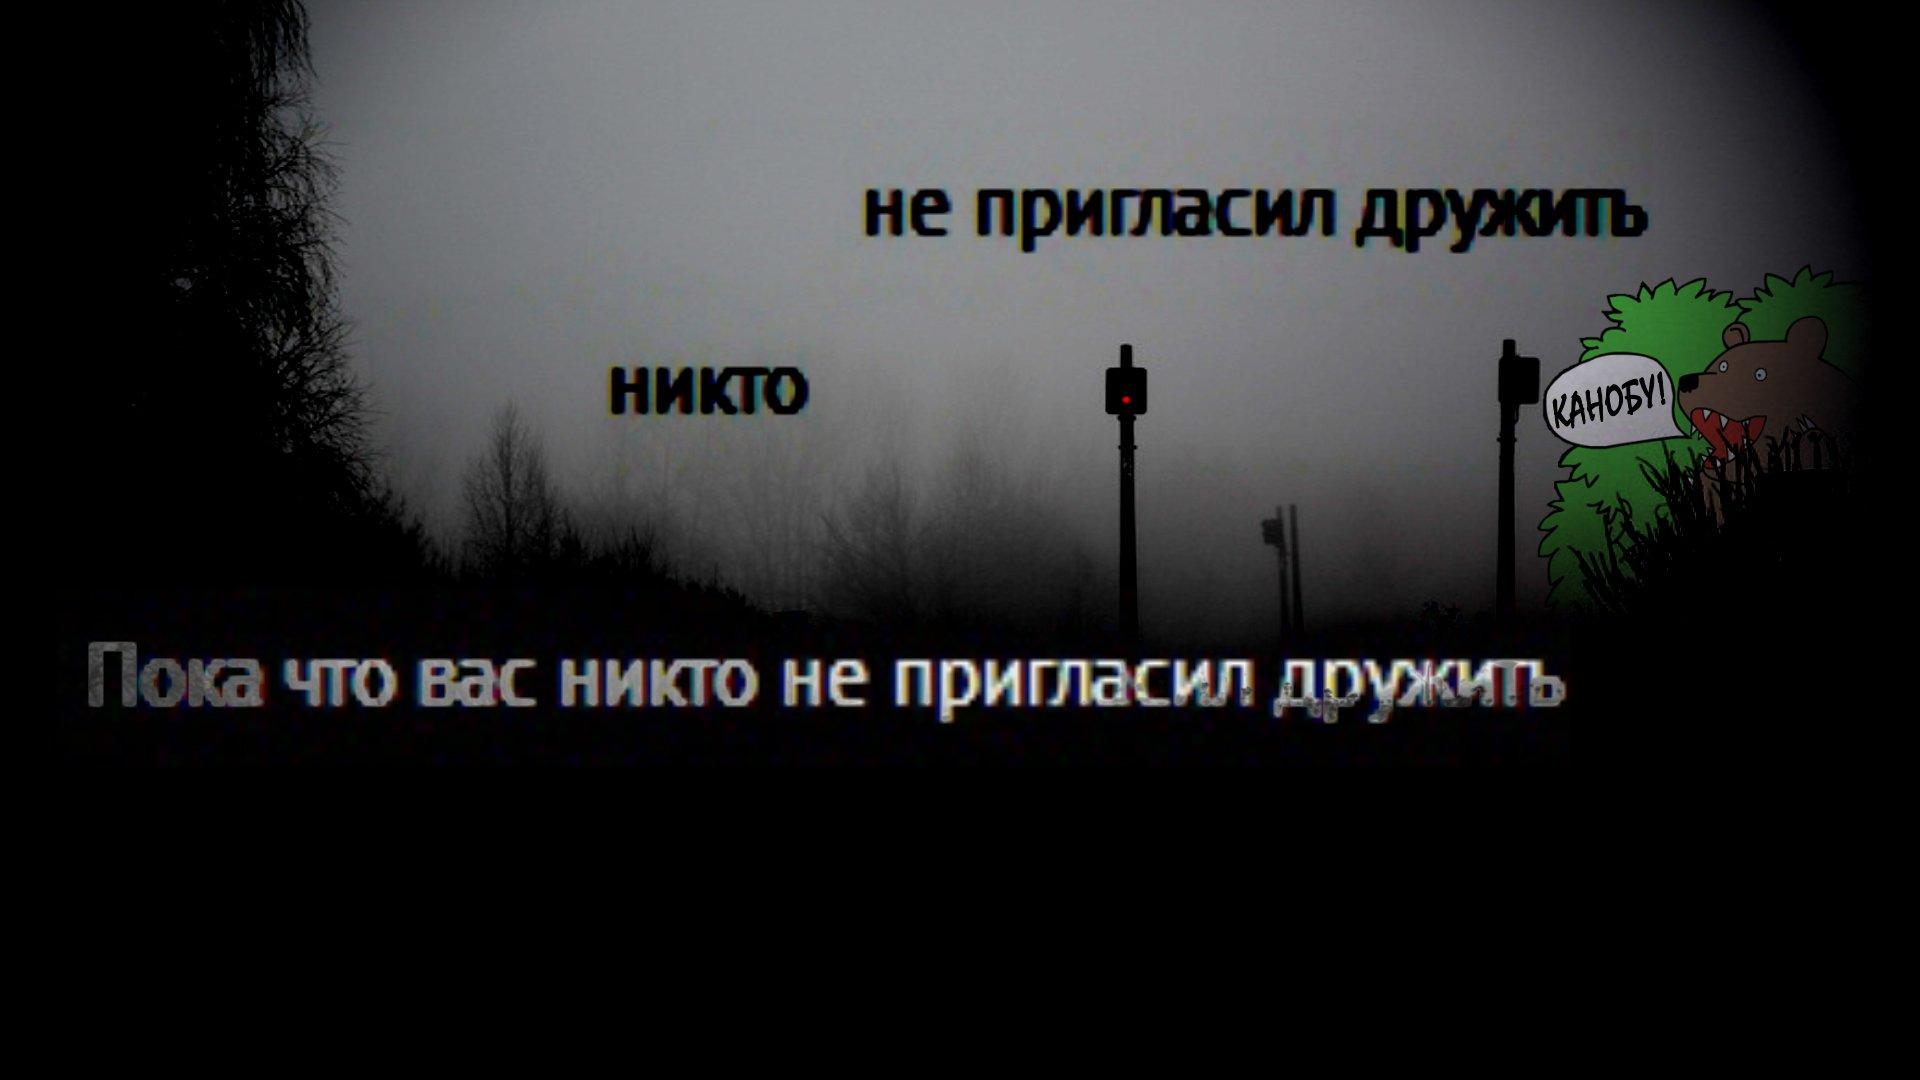 """При нажатии на вкладку """"Друзья"""" в """"Колоколе"""" канобача, появляется надпись """"Пока что вас никто не пригласил дружить .... - Изображение 1"""